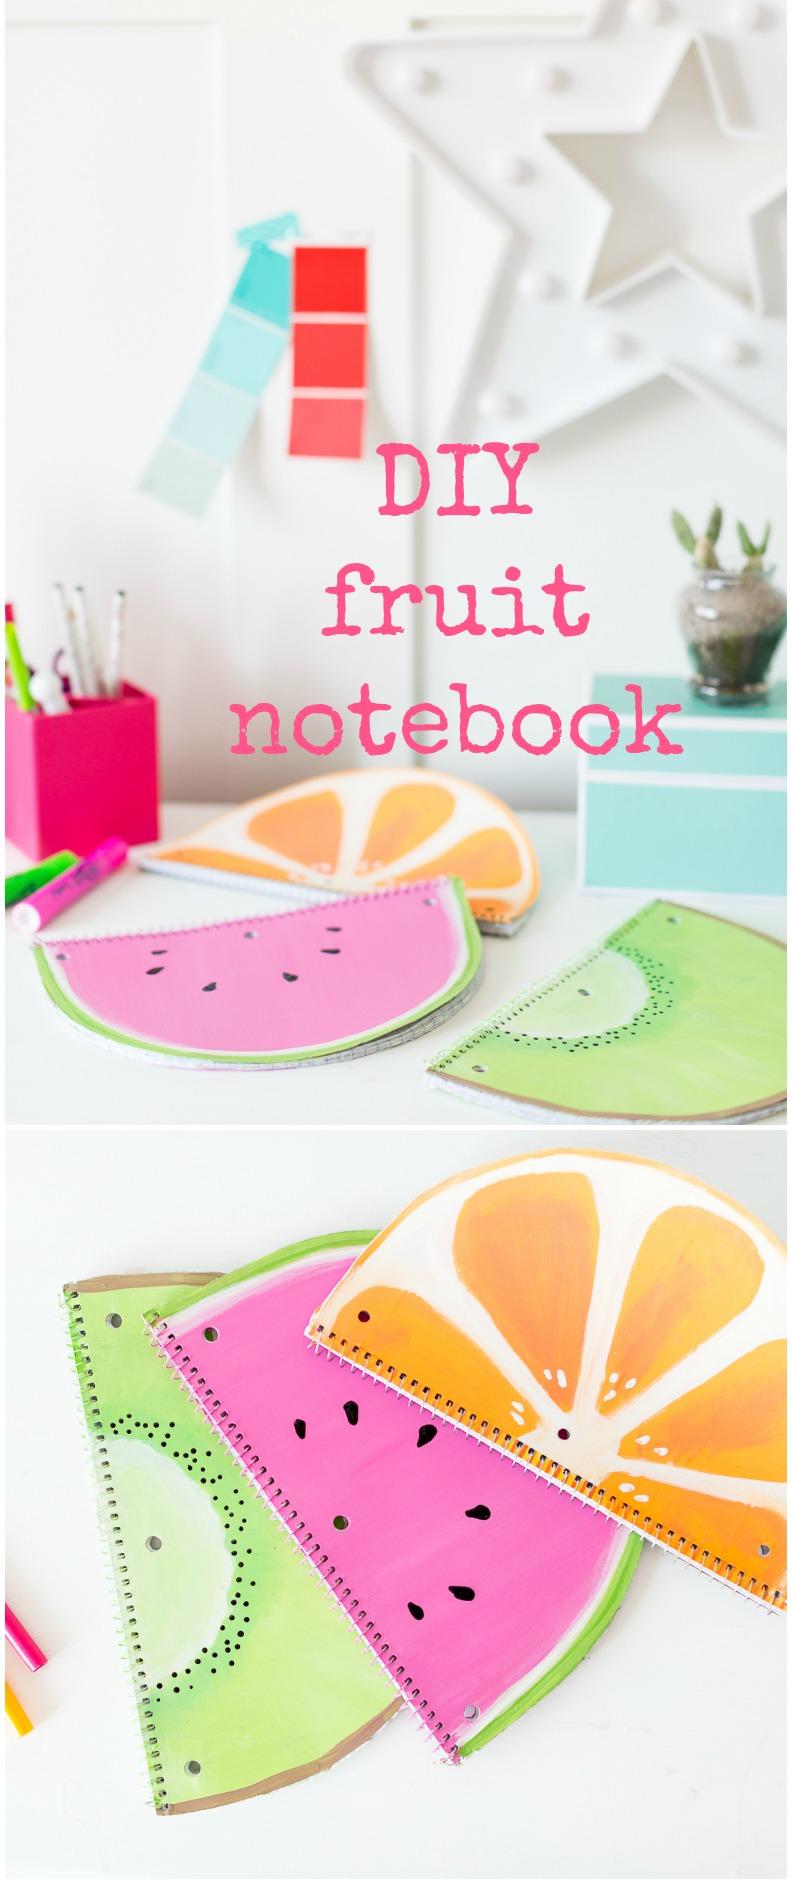 fruitnotebookdiycollage